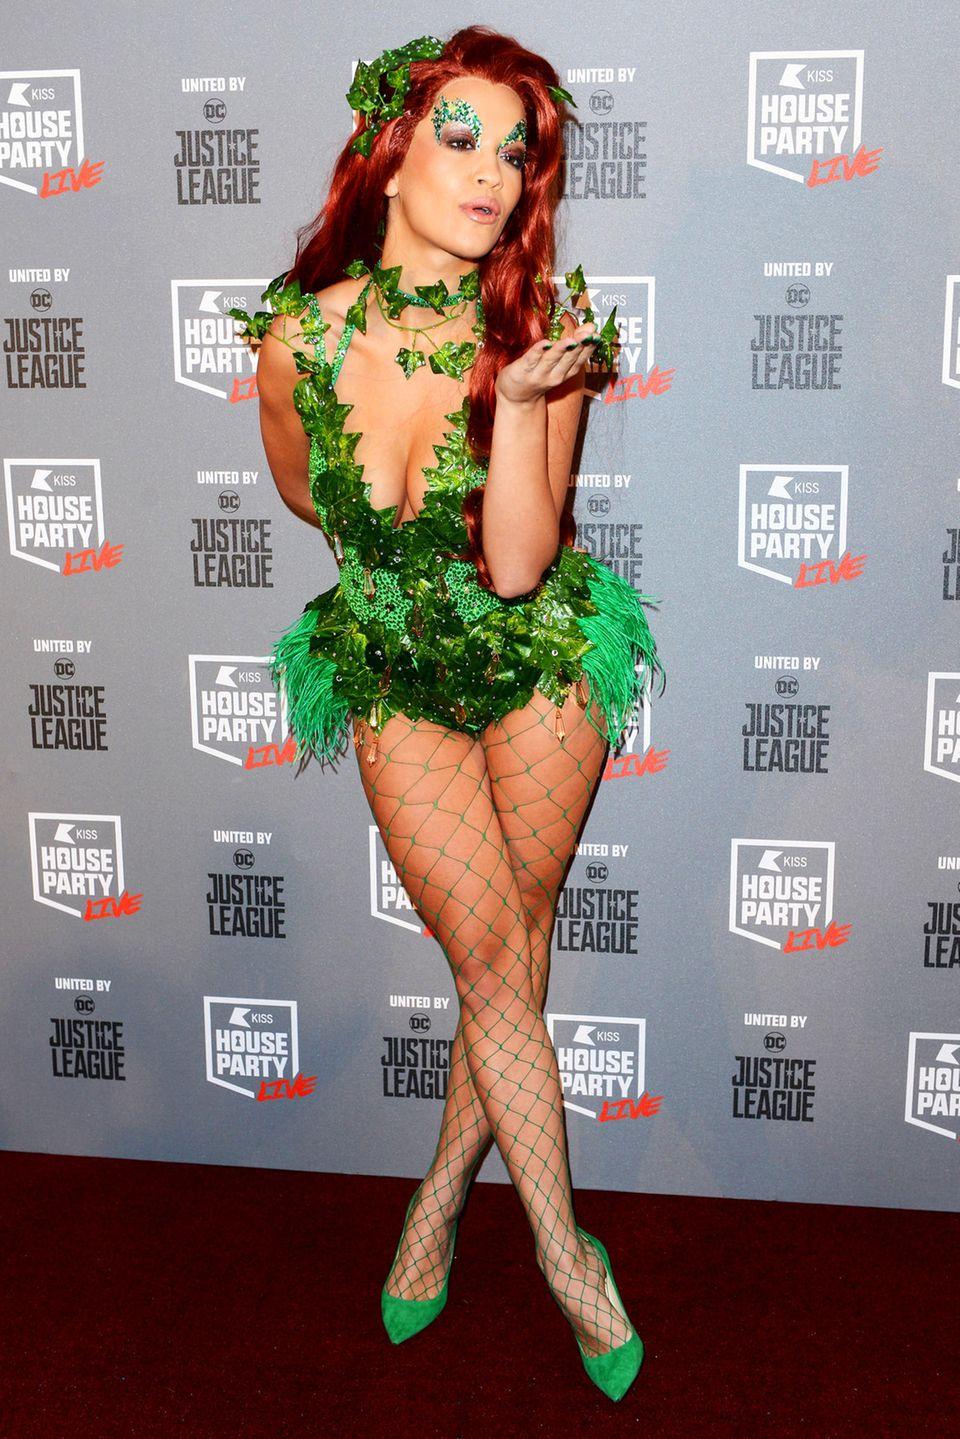 Die Sängerin Rita Ora war mit ihrem Körper nicht immer zufrieden. Heute hat sie ihre Selbstzweifel hinter sich gelassen und ist stolz auf86-63-89 Maße. Die hübsche Britin misst eine Körpergröße von 1,66 Meter.